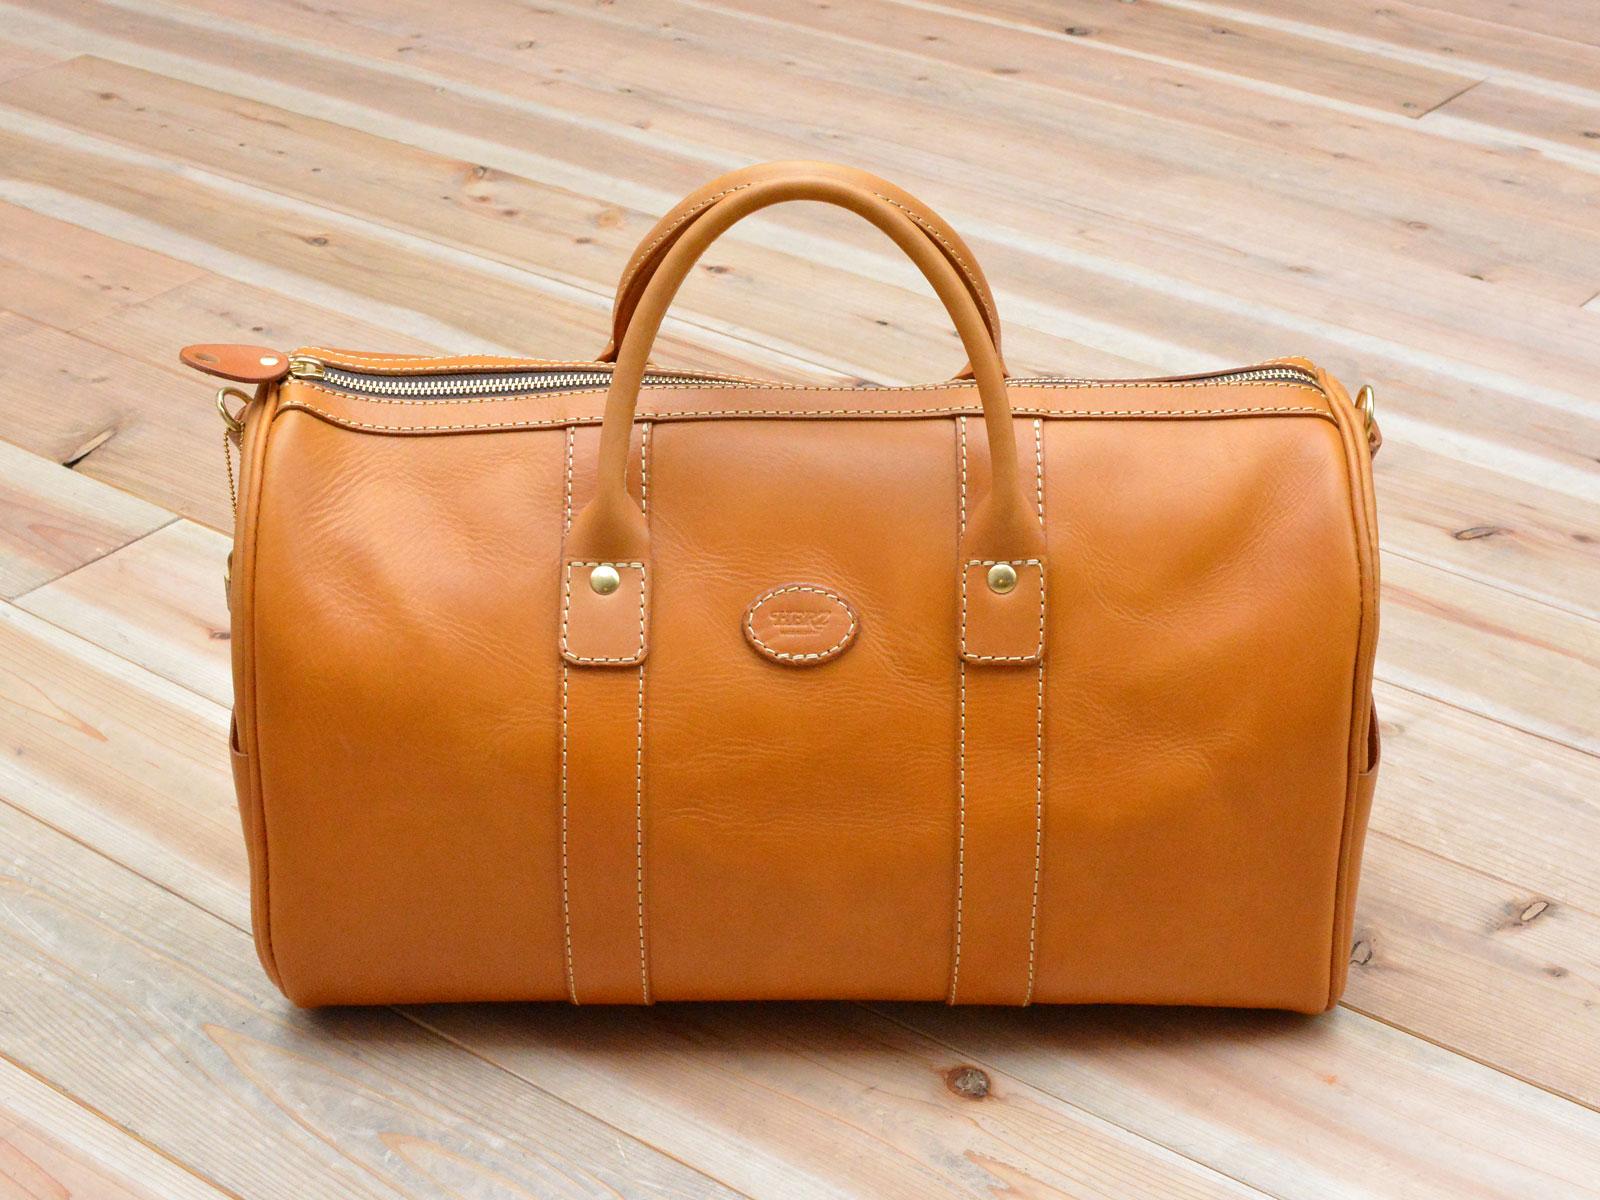 映画『コンフィデンスマンJP』にボストンバッグが使用されています